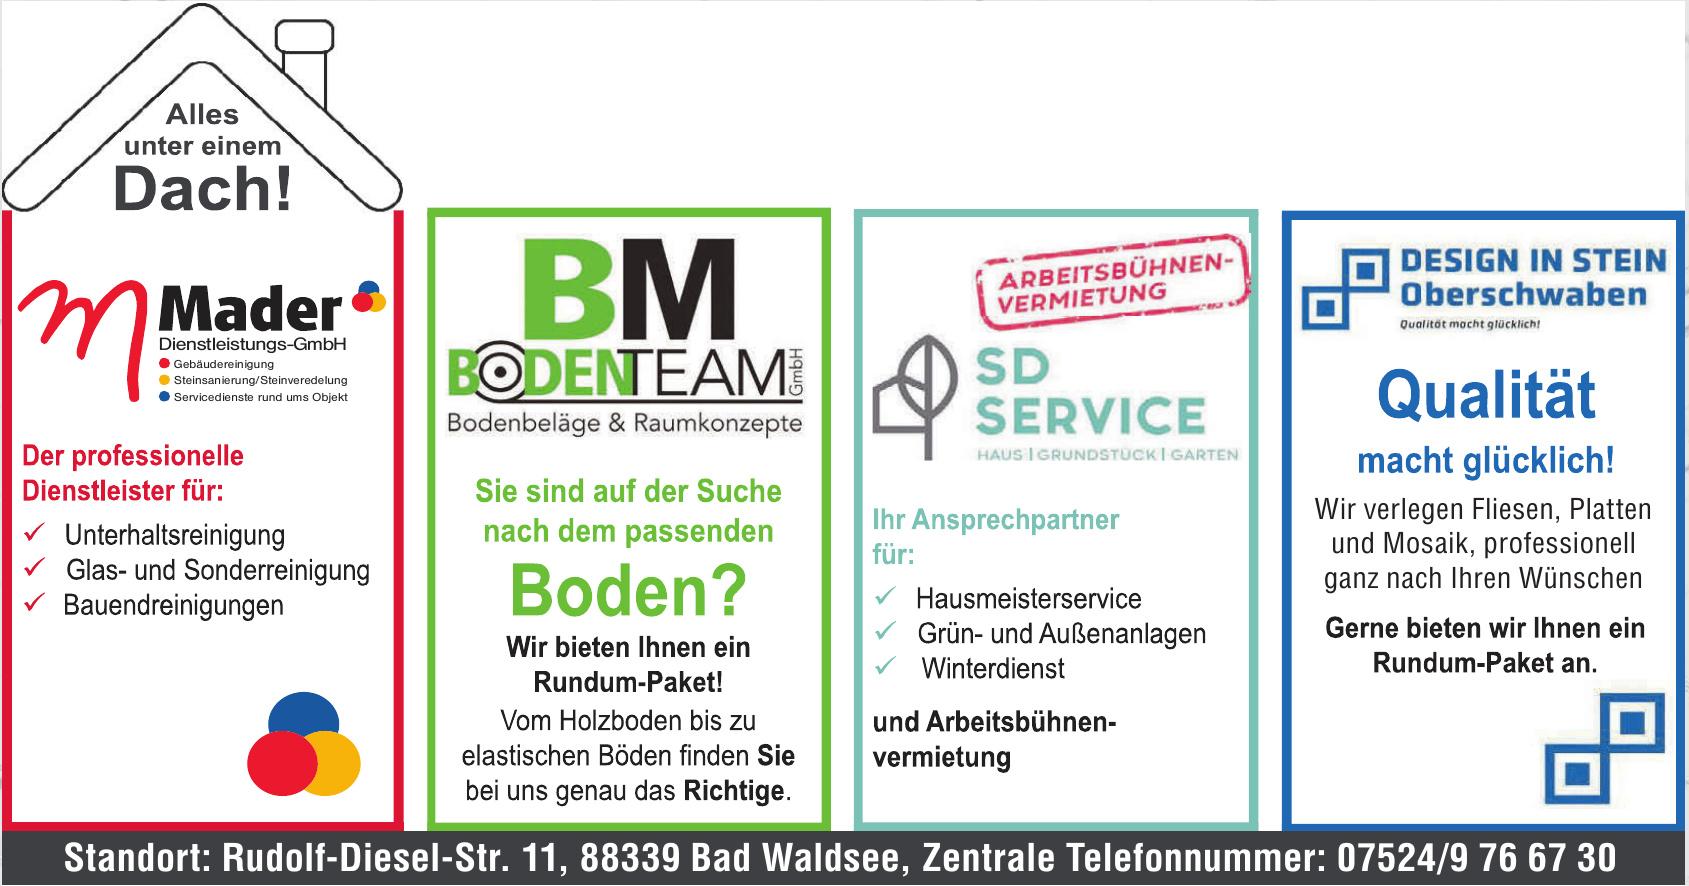 Mader Dienstleistungs-GmbH